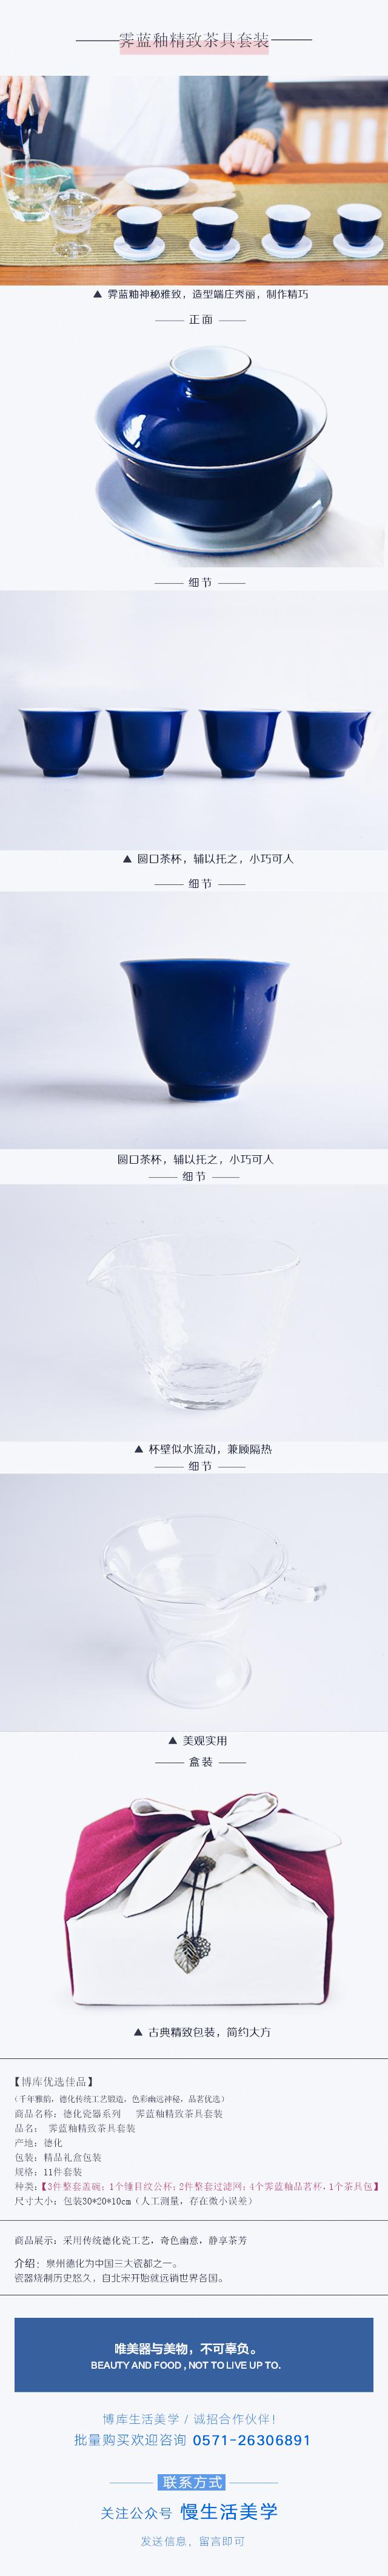 1霁蓝套组.jpg